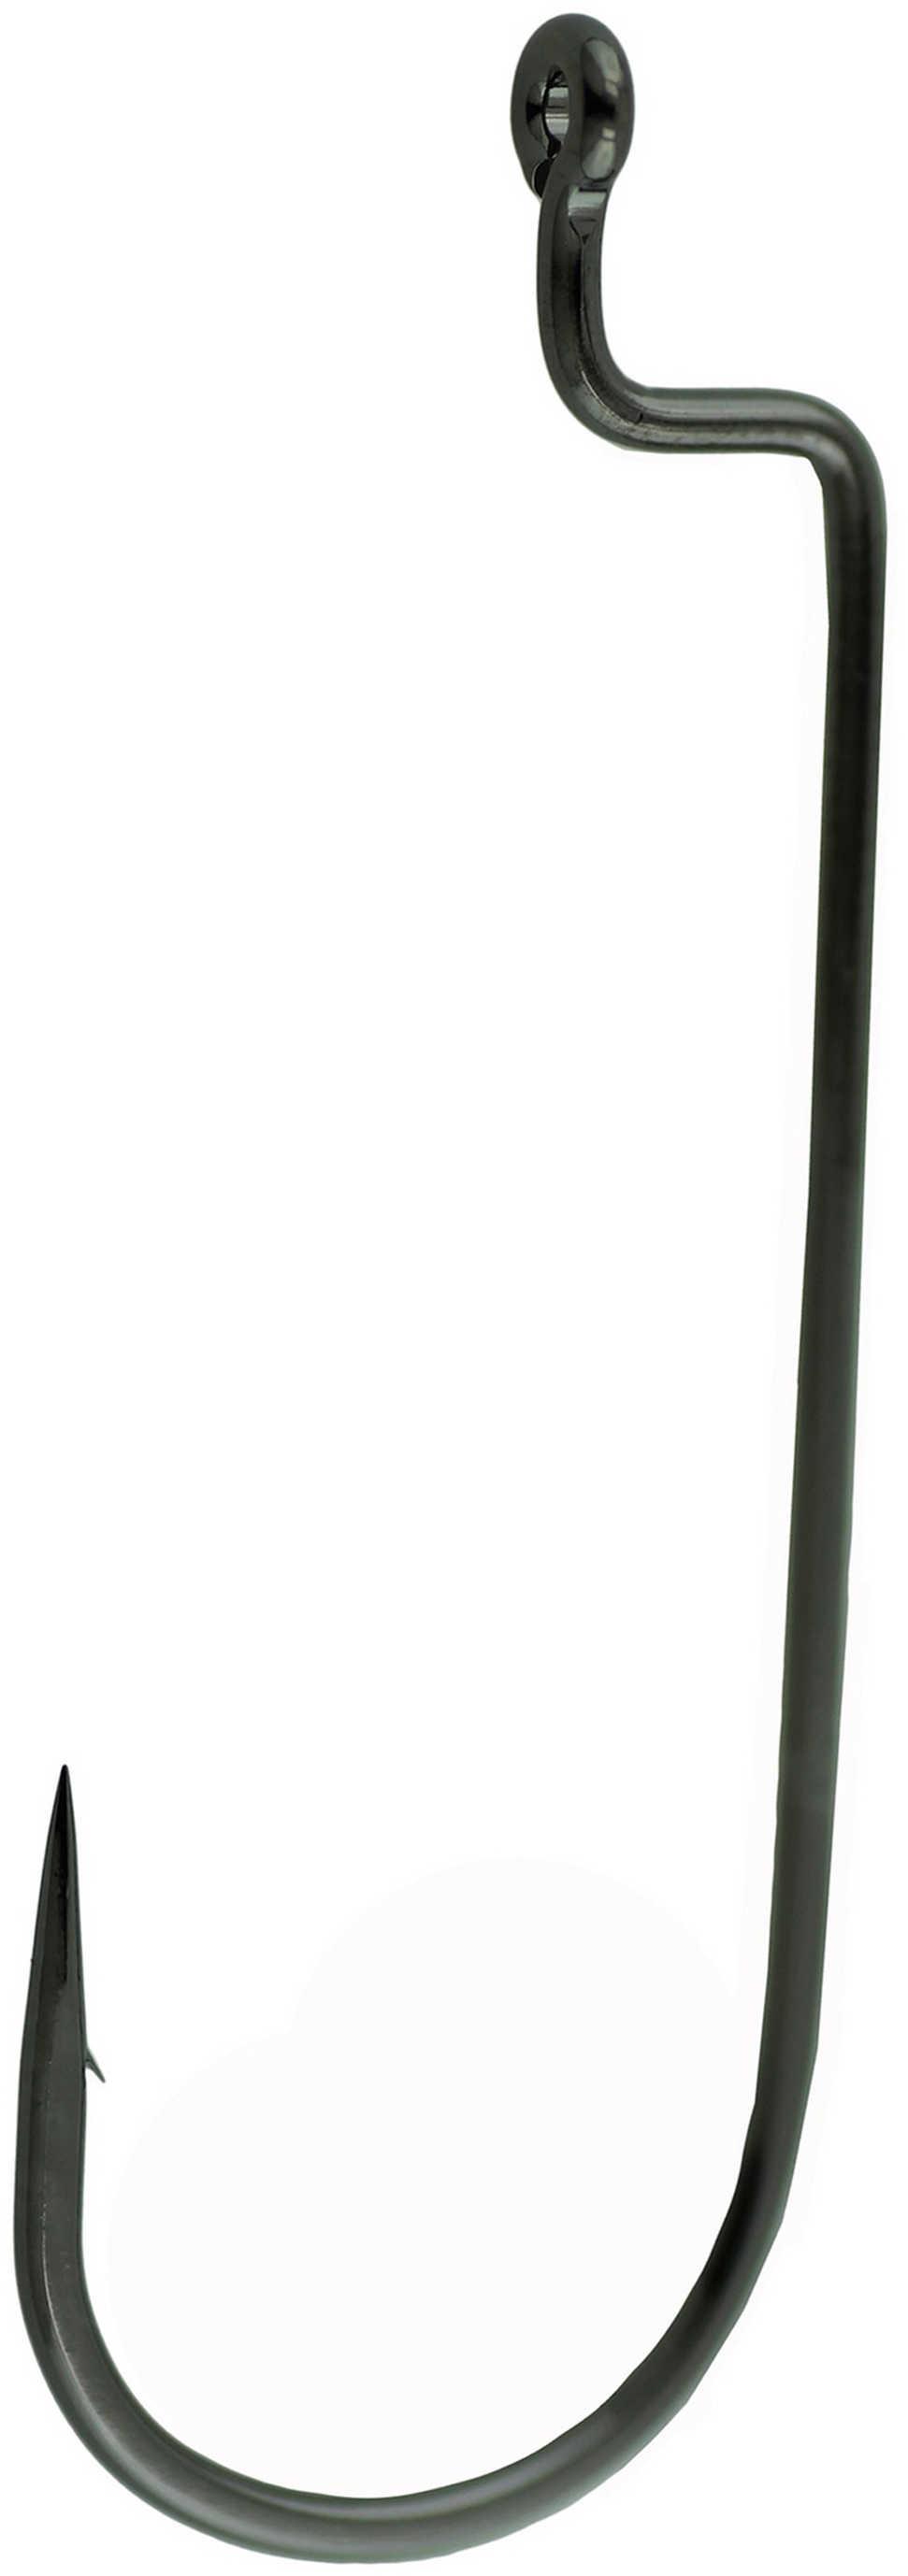 Gamakatsu / Spro Gamakatsu Worm Hook Wide Black Offset 25Pk 1/0 Md#: 54411-25